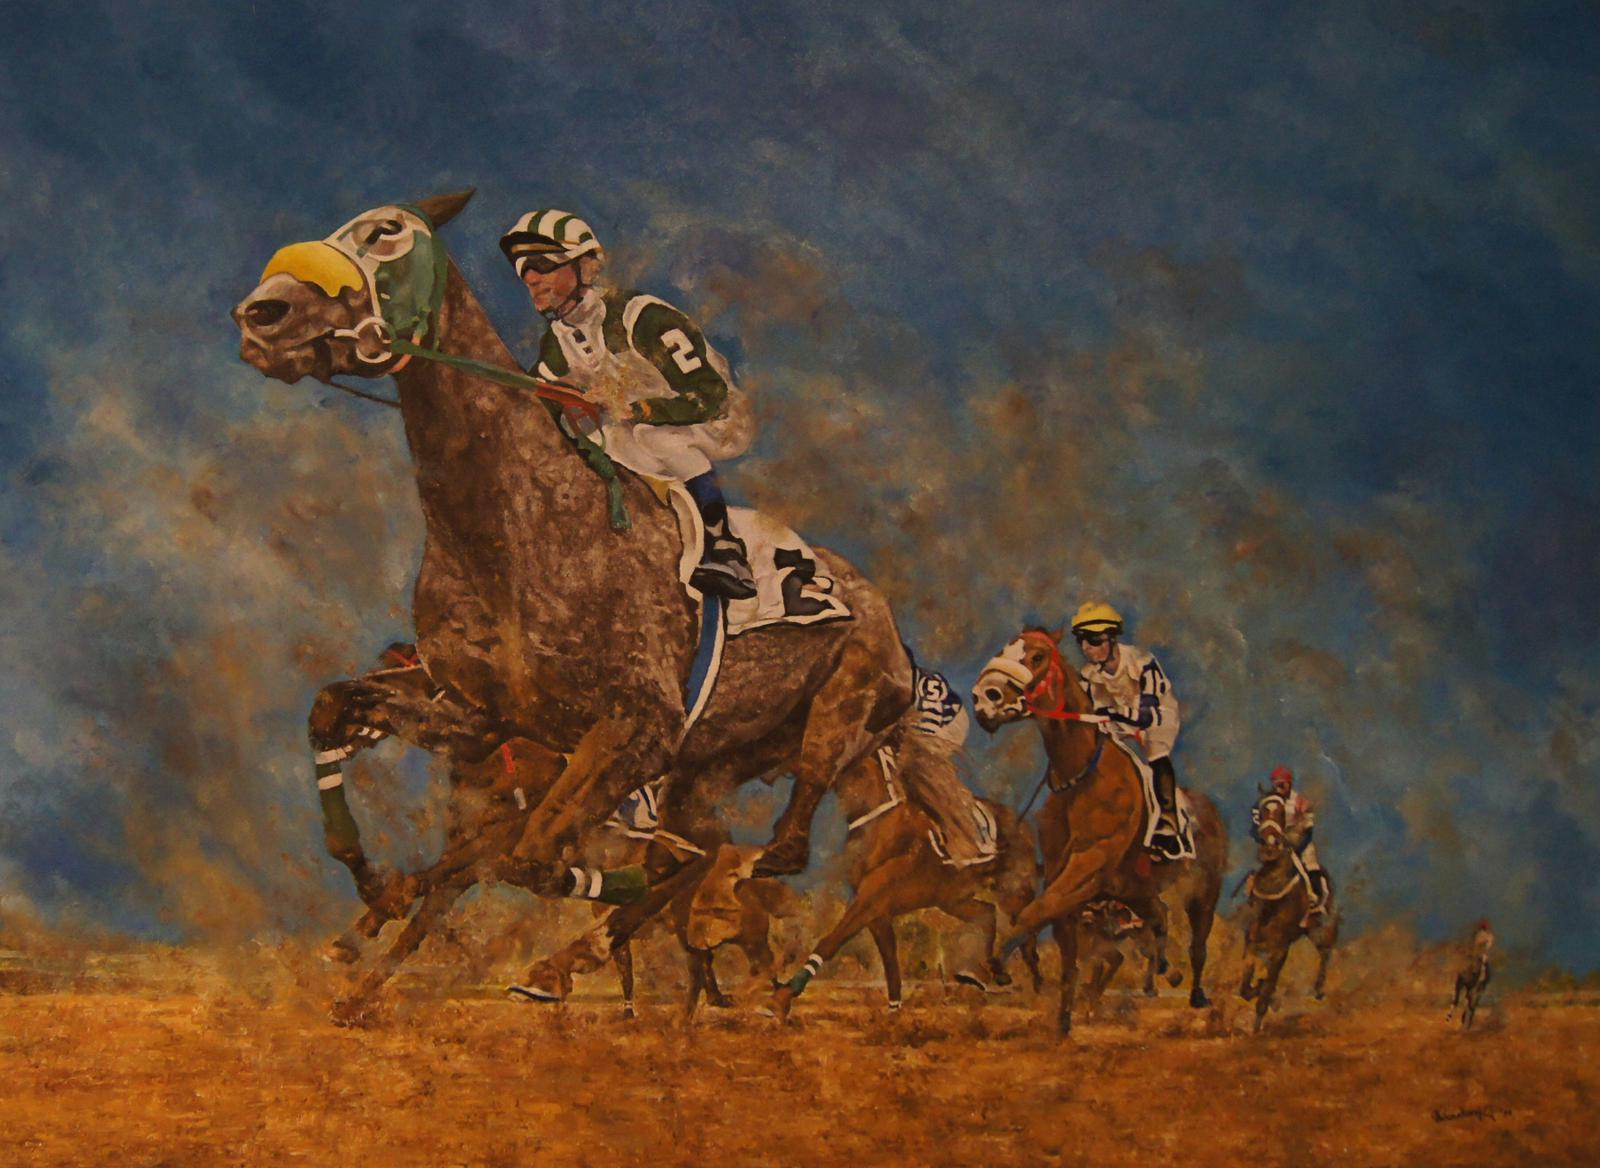 'Horseracing in Saudi Arabia'